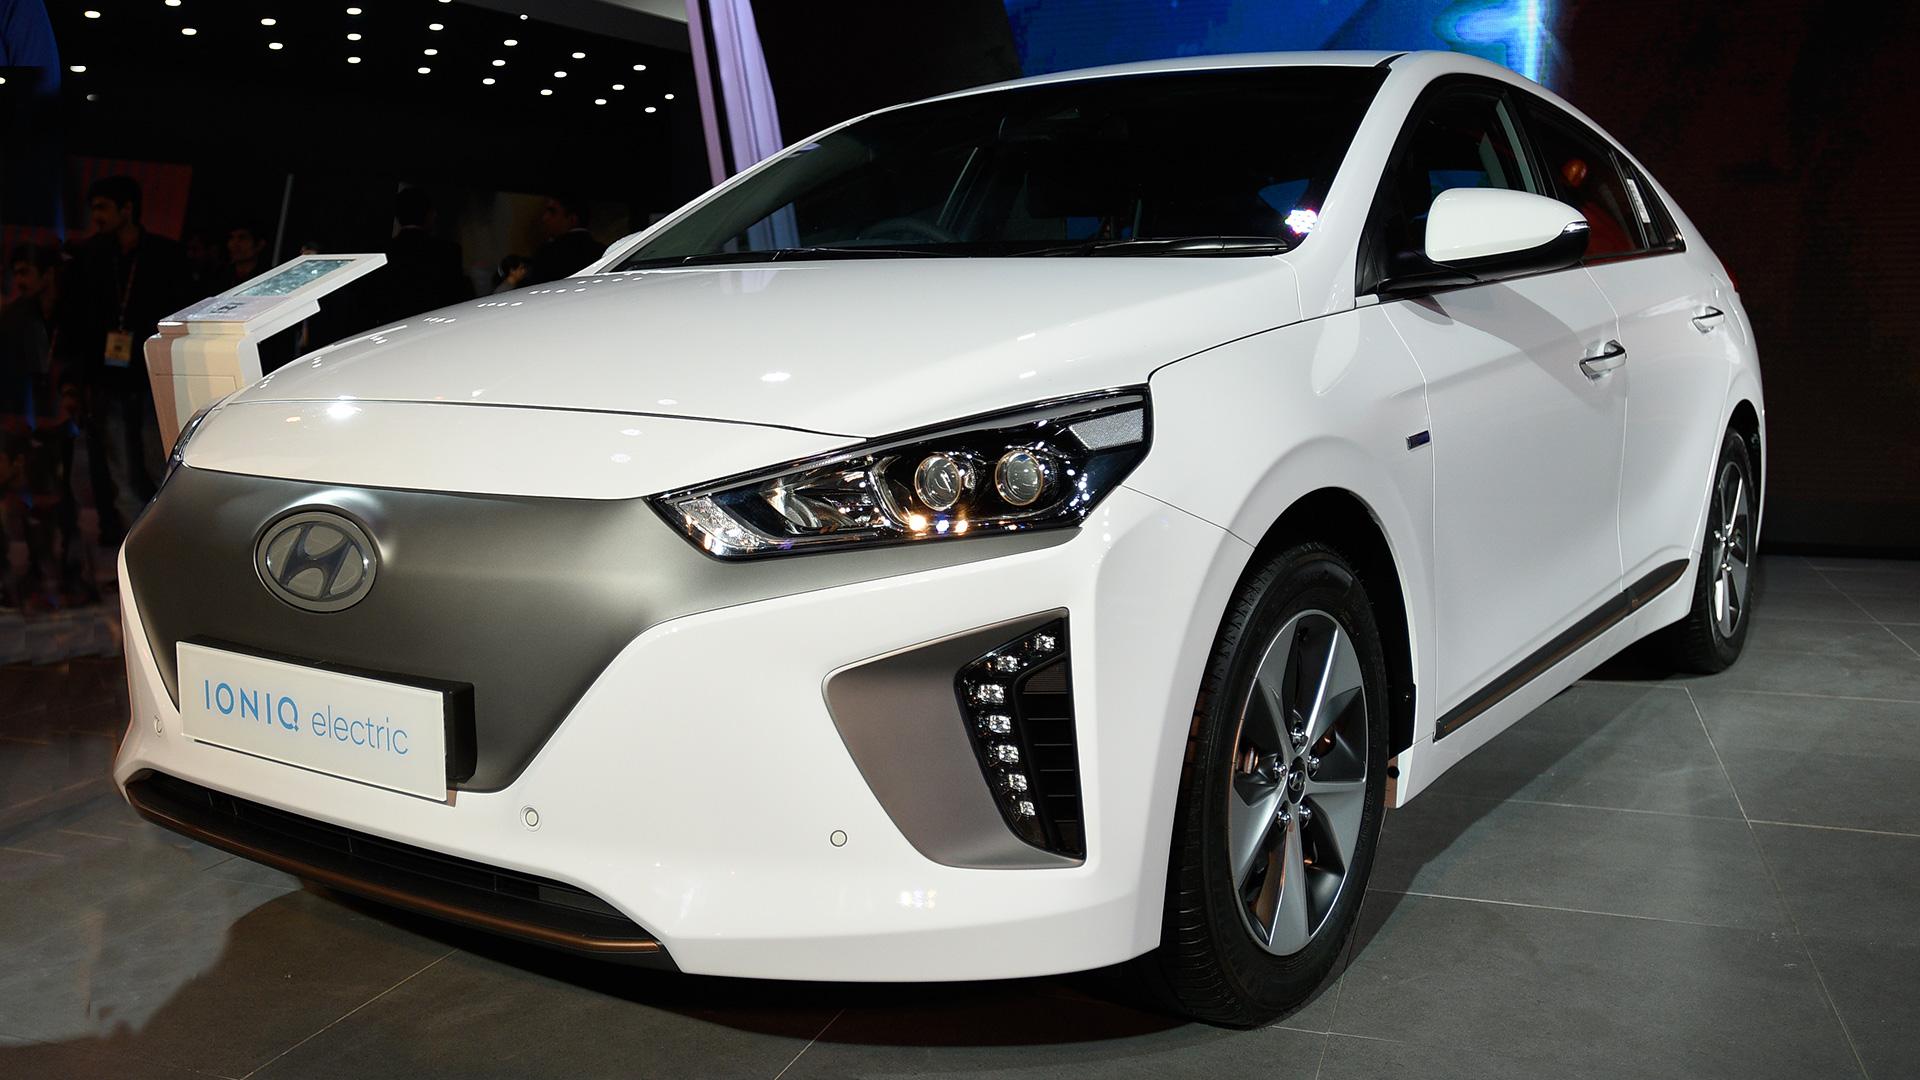 Hyundai Ioniq 2018 STD